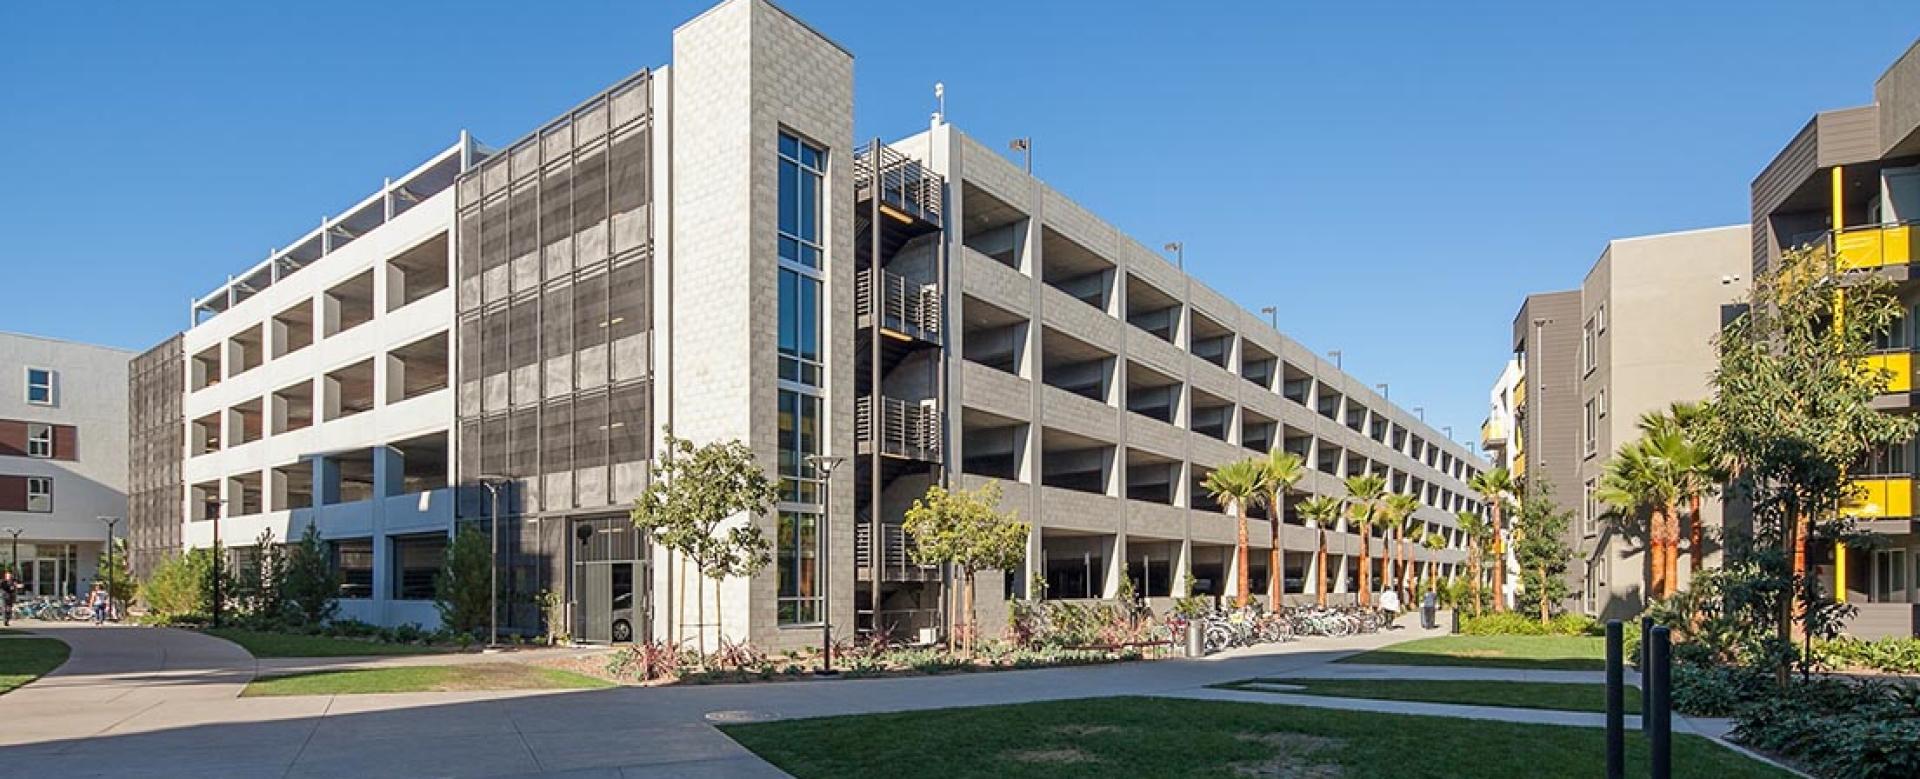 Luxury Apartments Ventura Ca